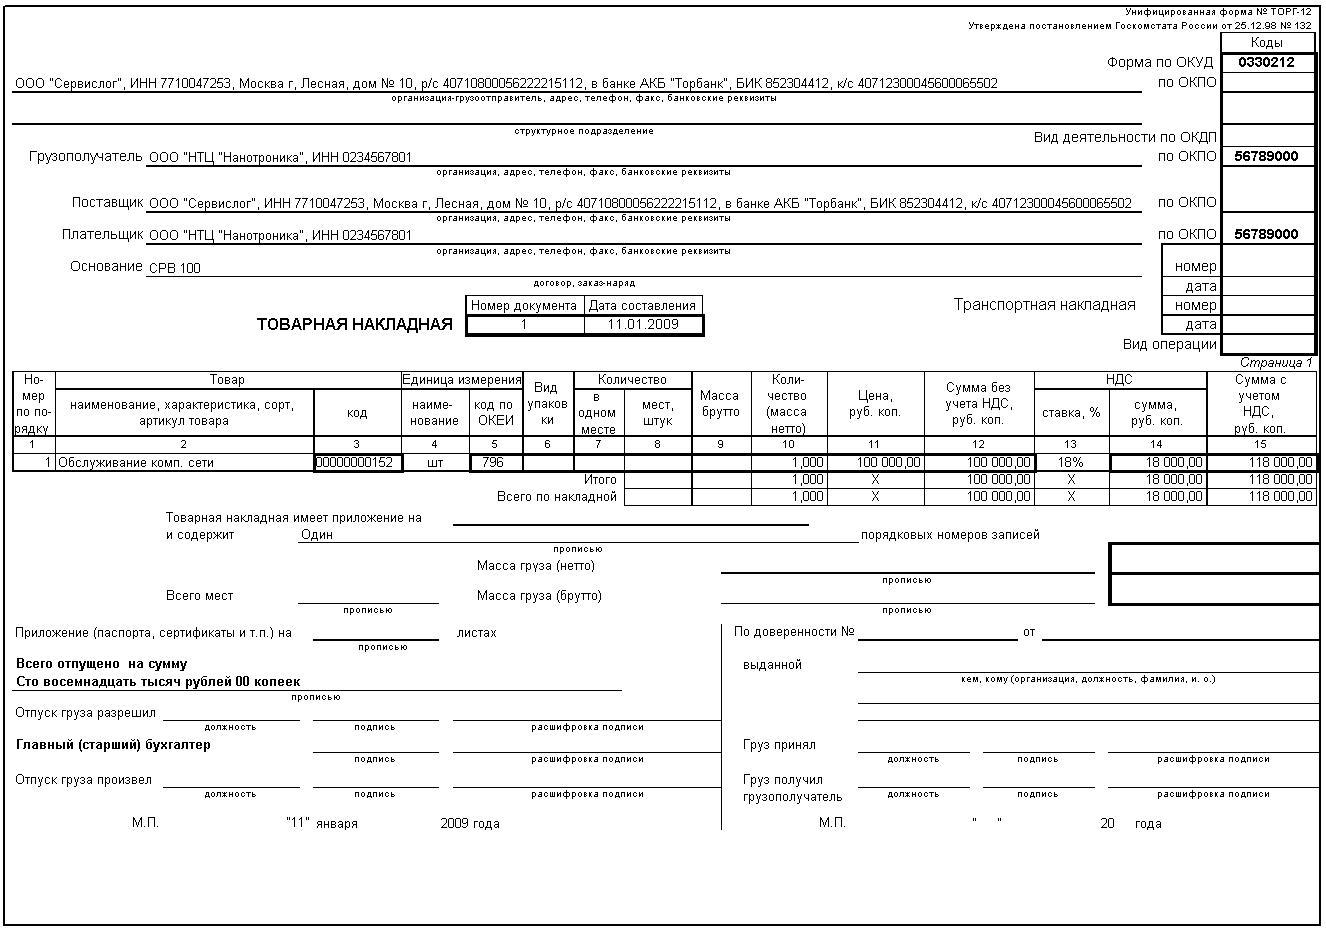 ТОРГ-12 для Реализации товаров и услуг 1С: Бухгалтерия предприятия 2.0 (С услугами)(Внешняя печатная форма)